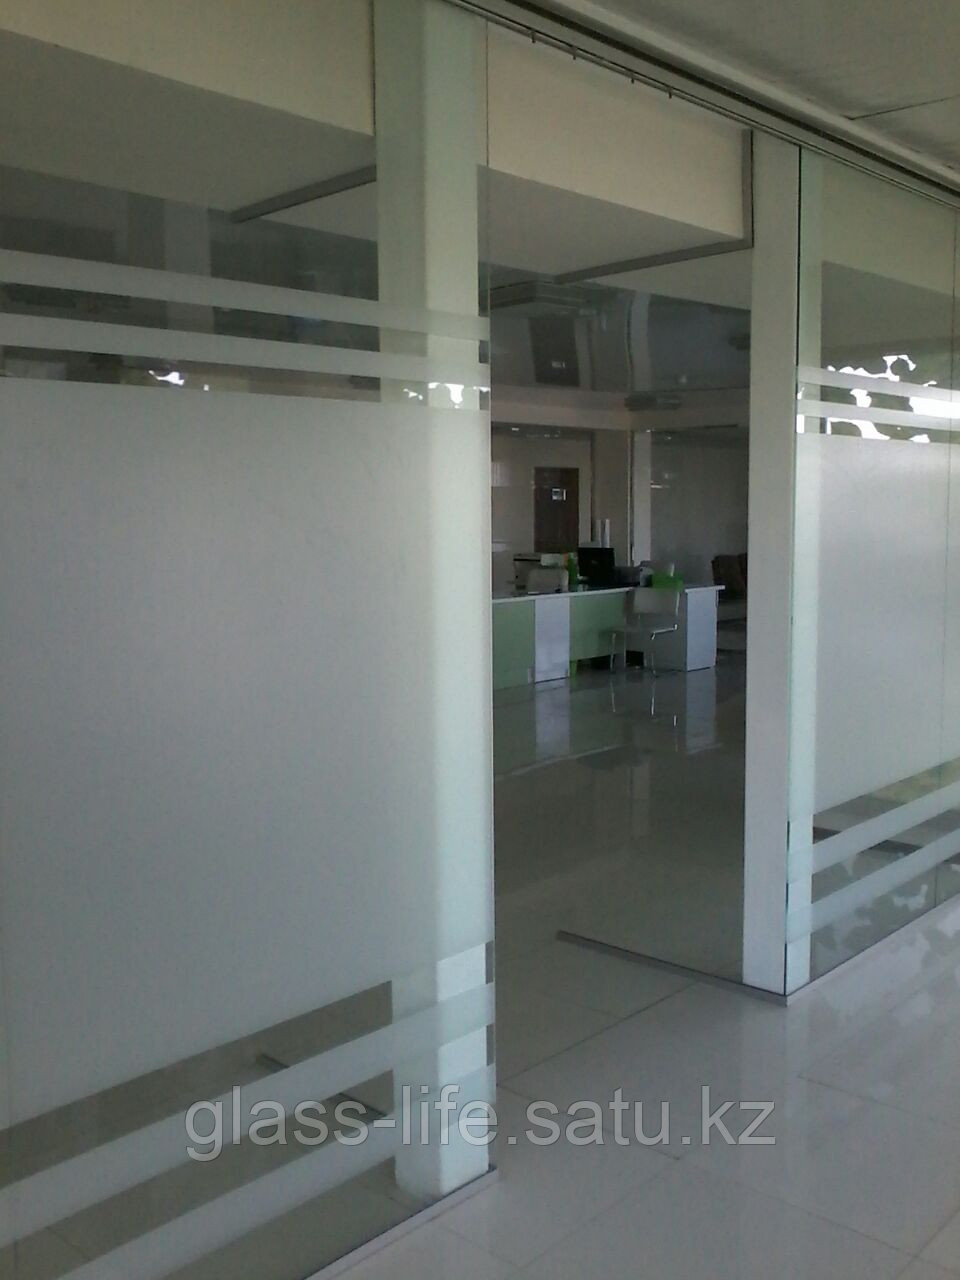 Металлопластиковые балконные группы - фото 3